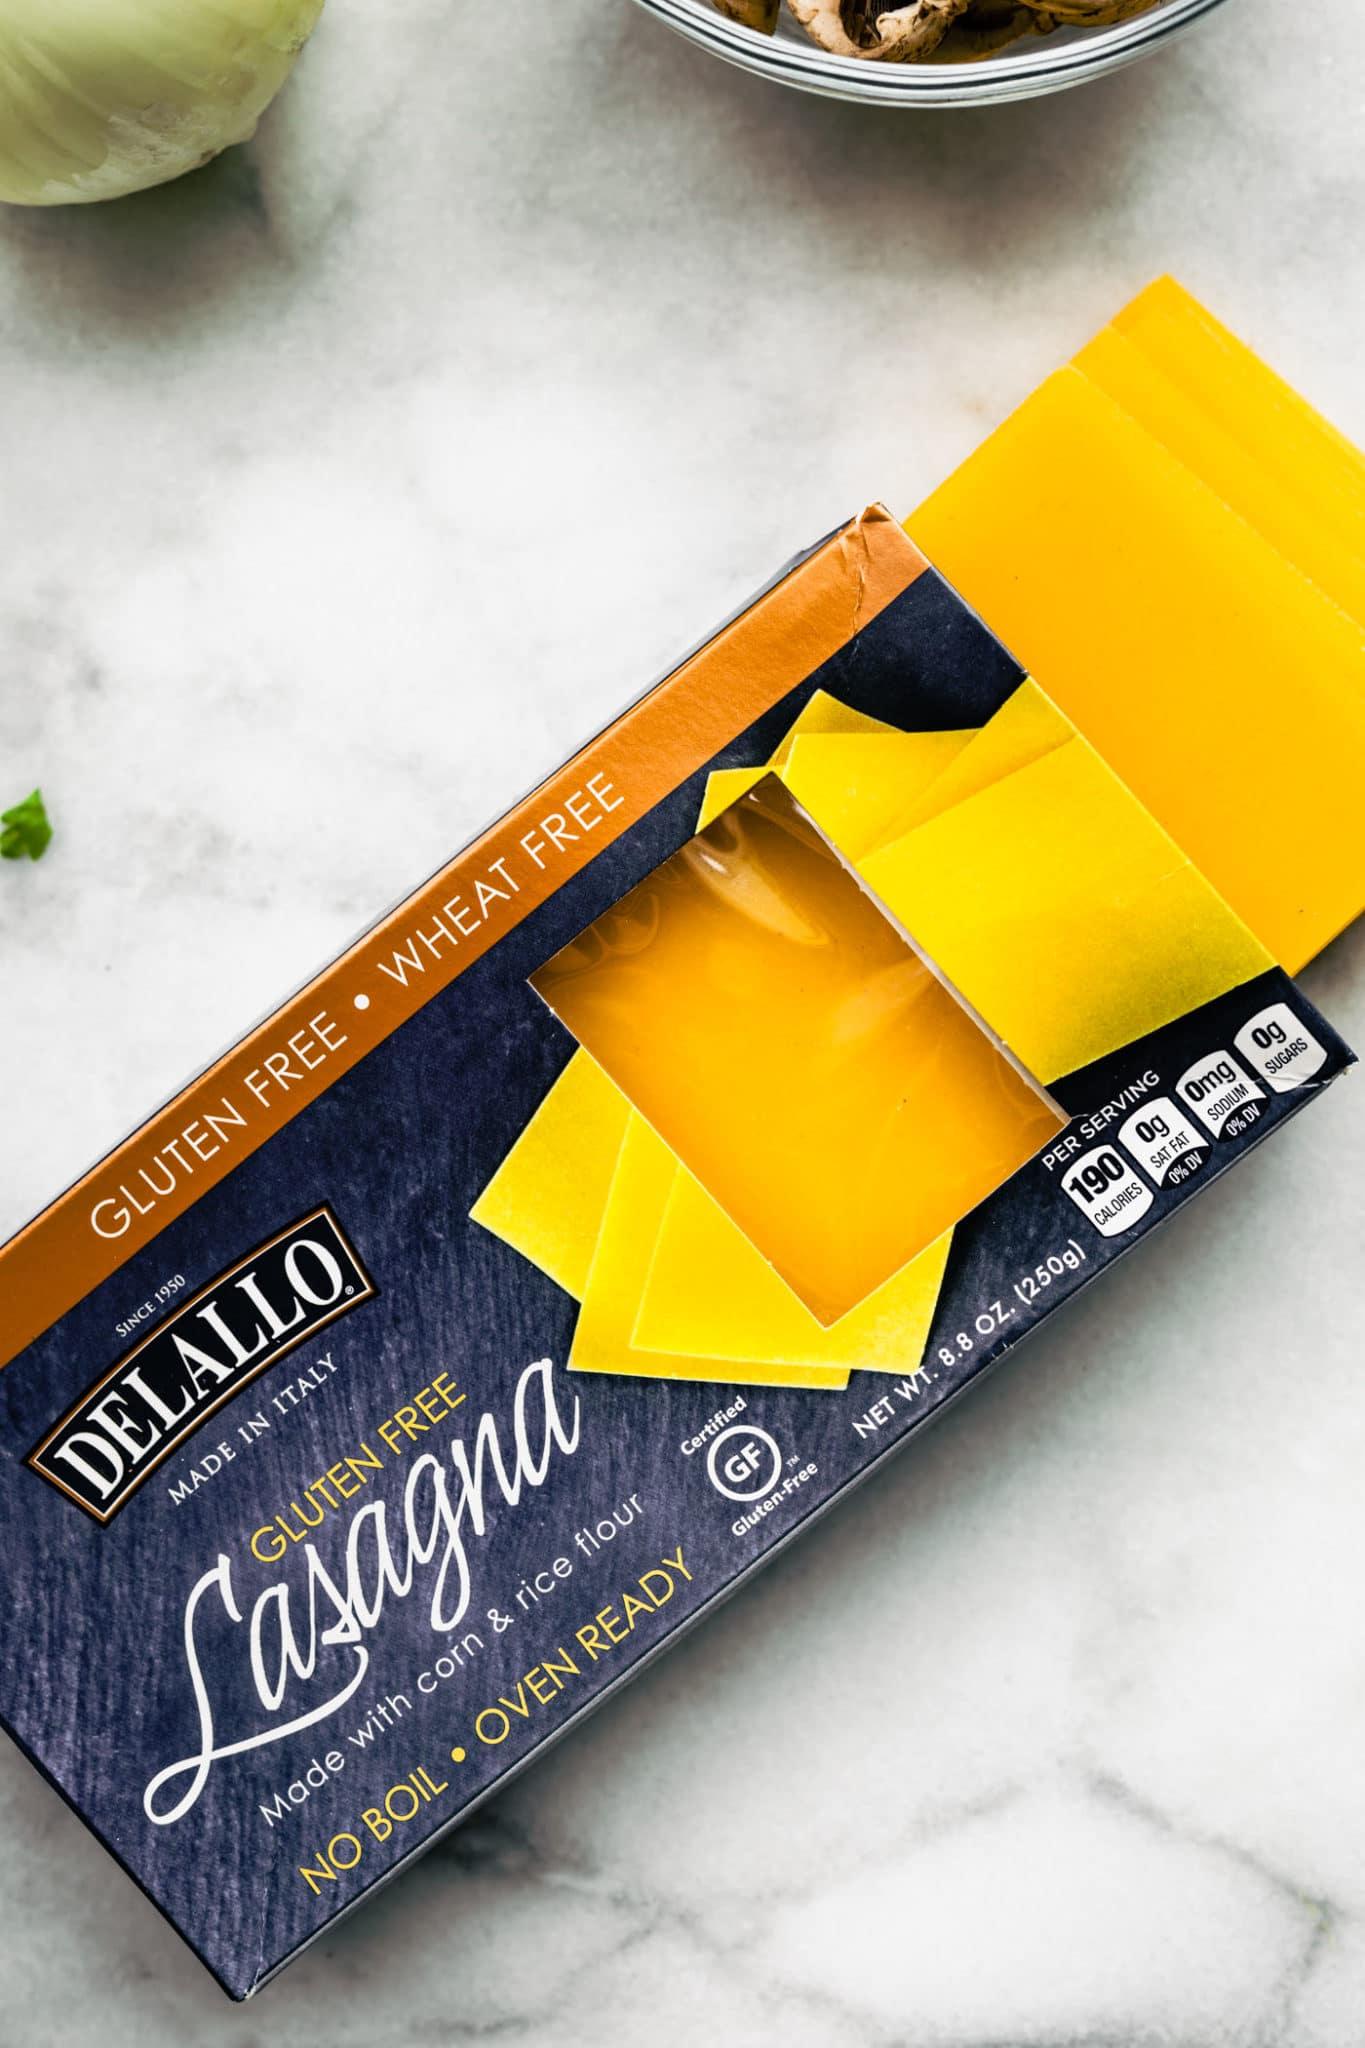 box of DeLallo gluten-free no boil lasagna noodles